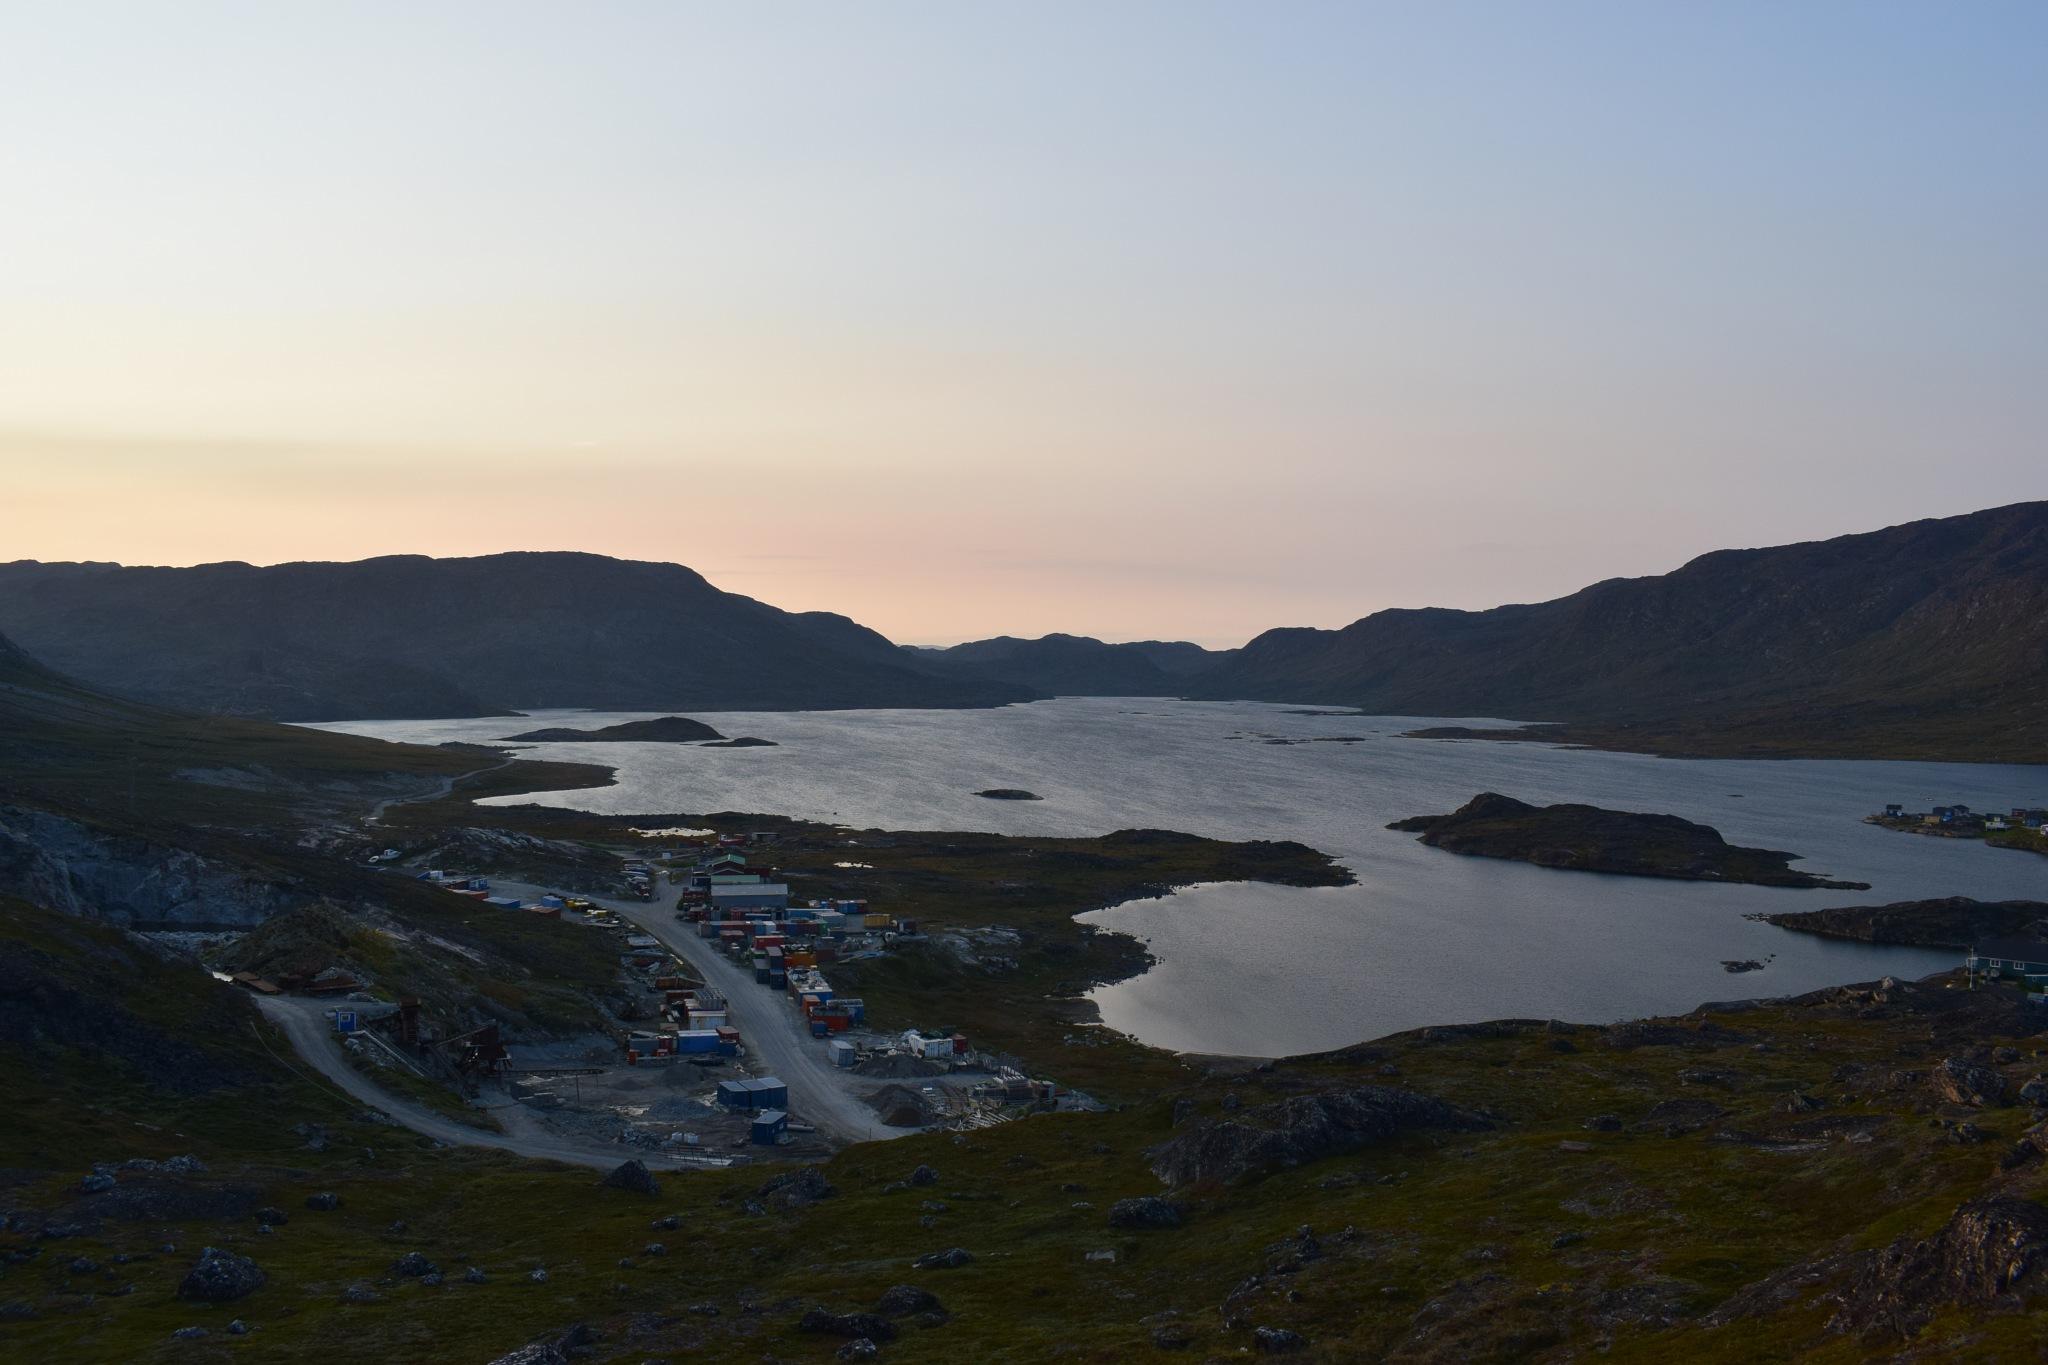 Great lake Qaqortoq by Eskimo DC